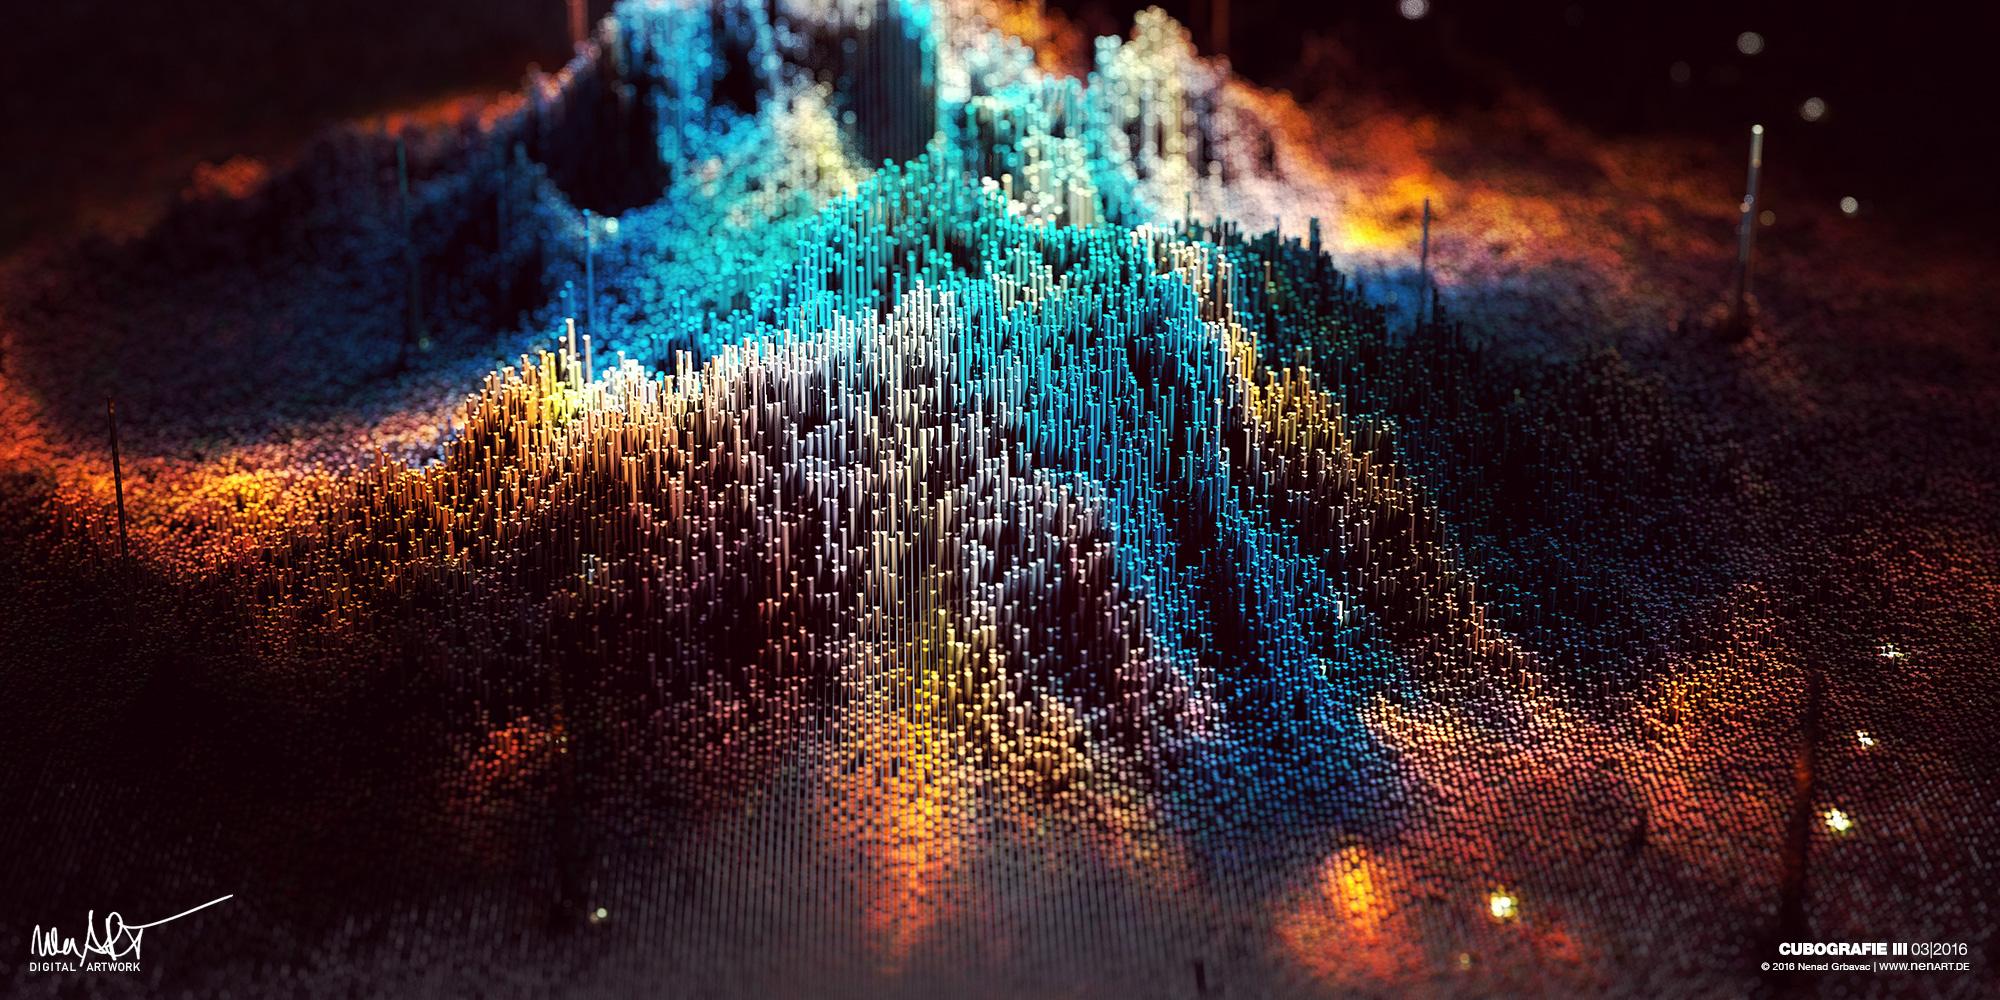 DA_-_Cubografie-III_2000x1000